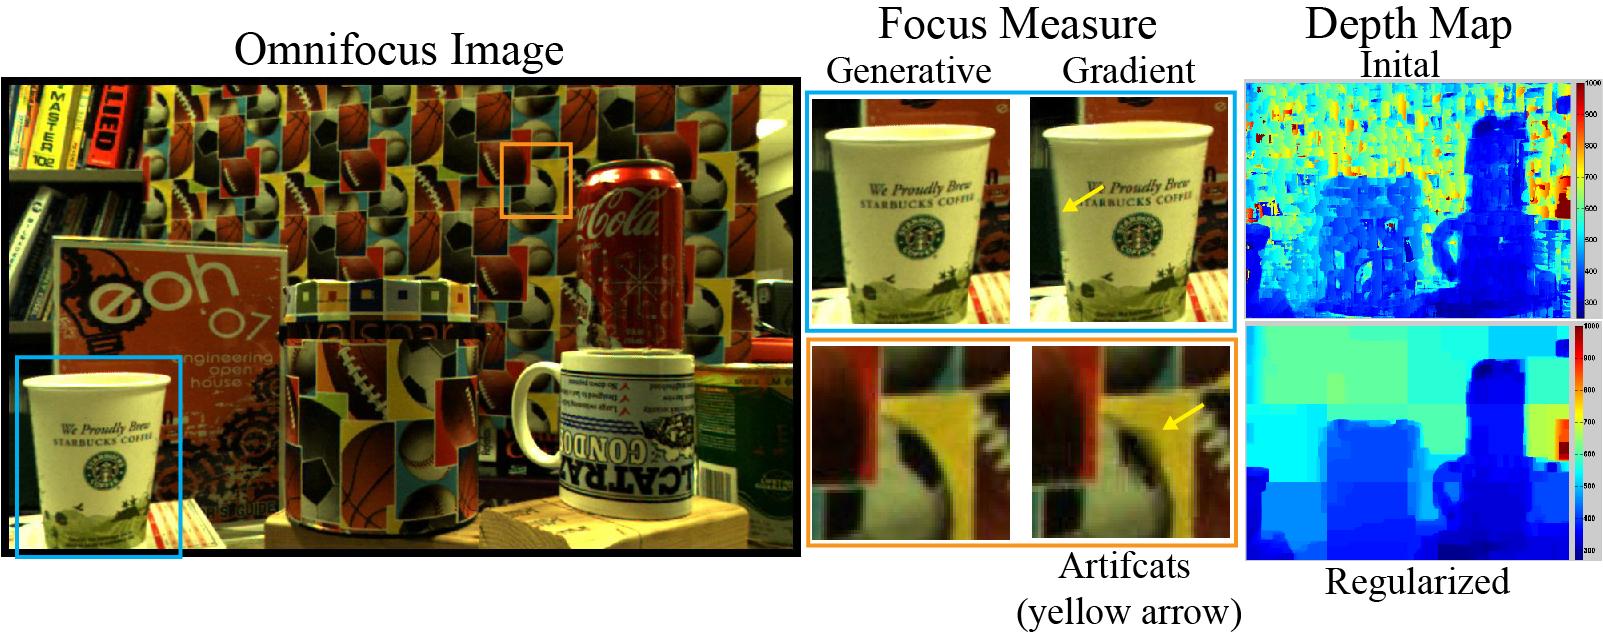 Omnifocus Imaging